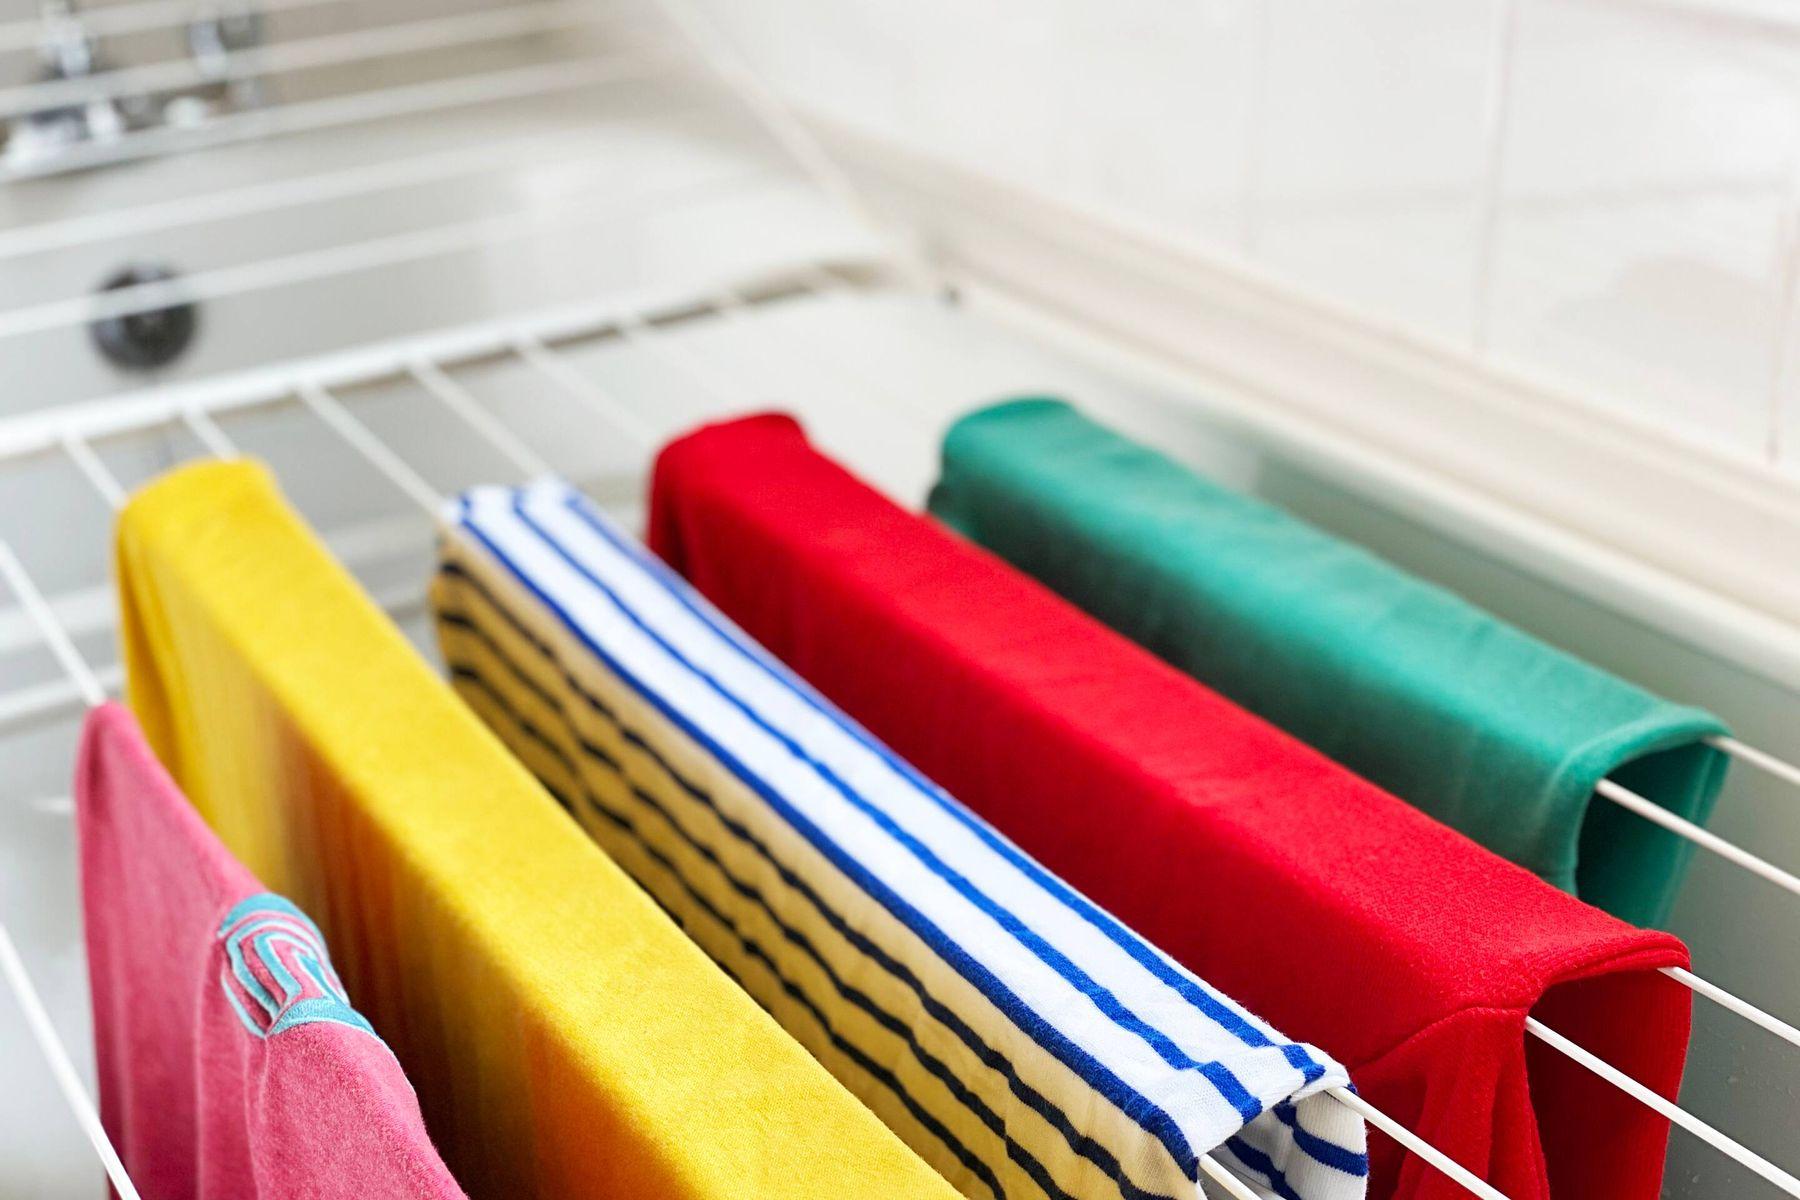 kurumakta olan renkli çamaşırlar